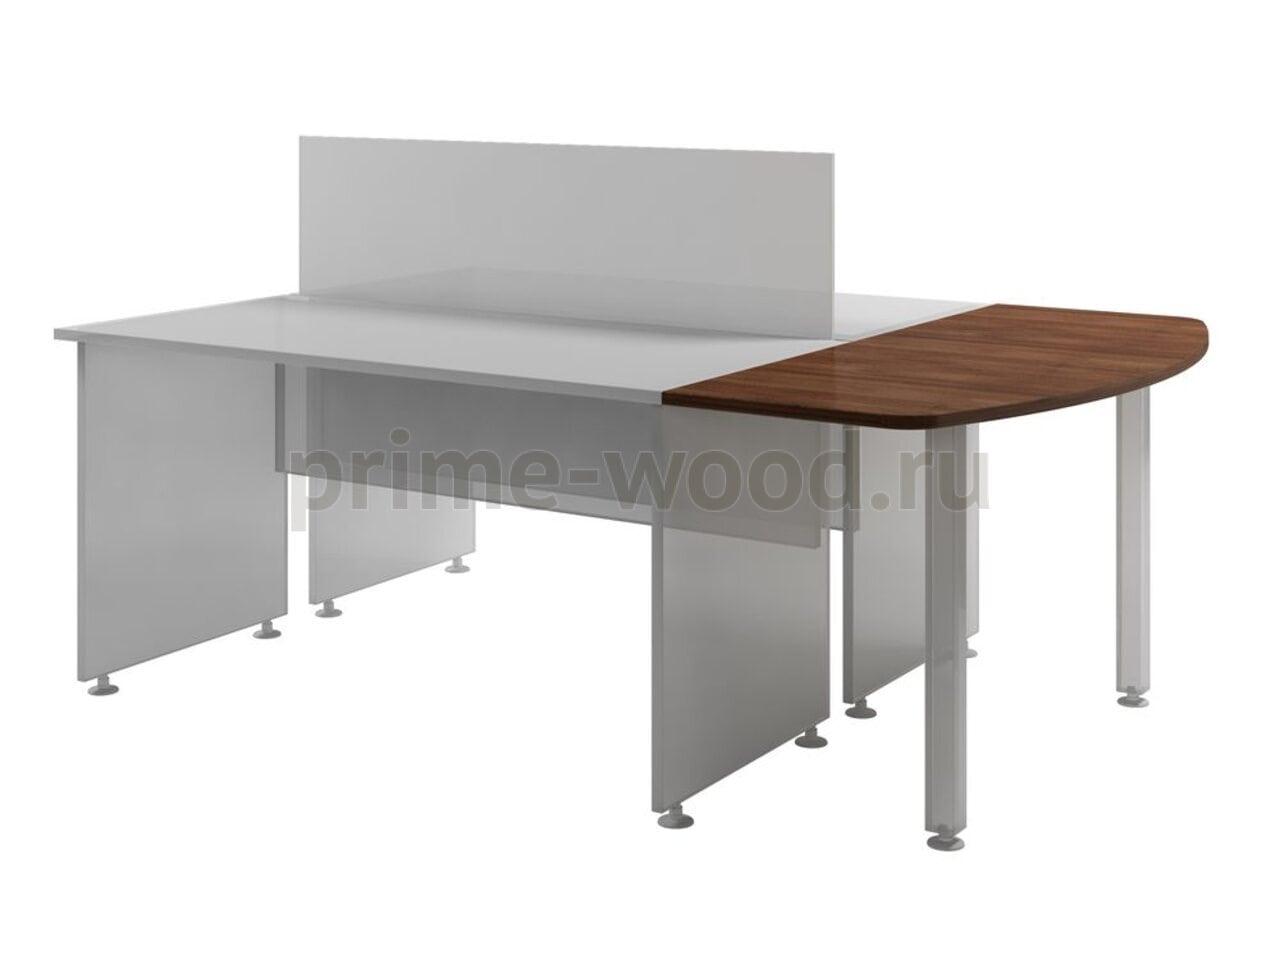 Столешница к двум столам  Space 136x60x3 - фото 1